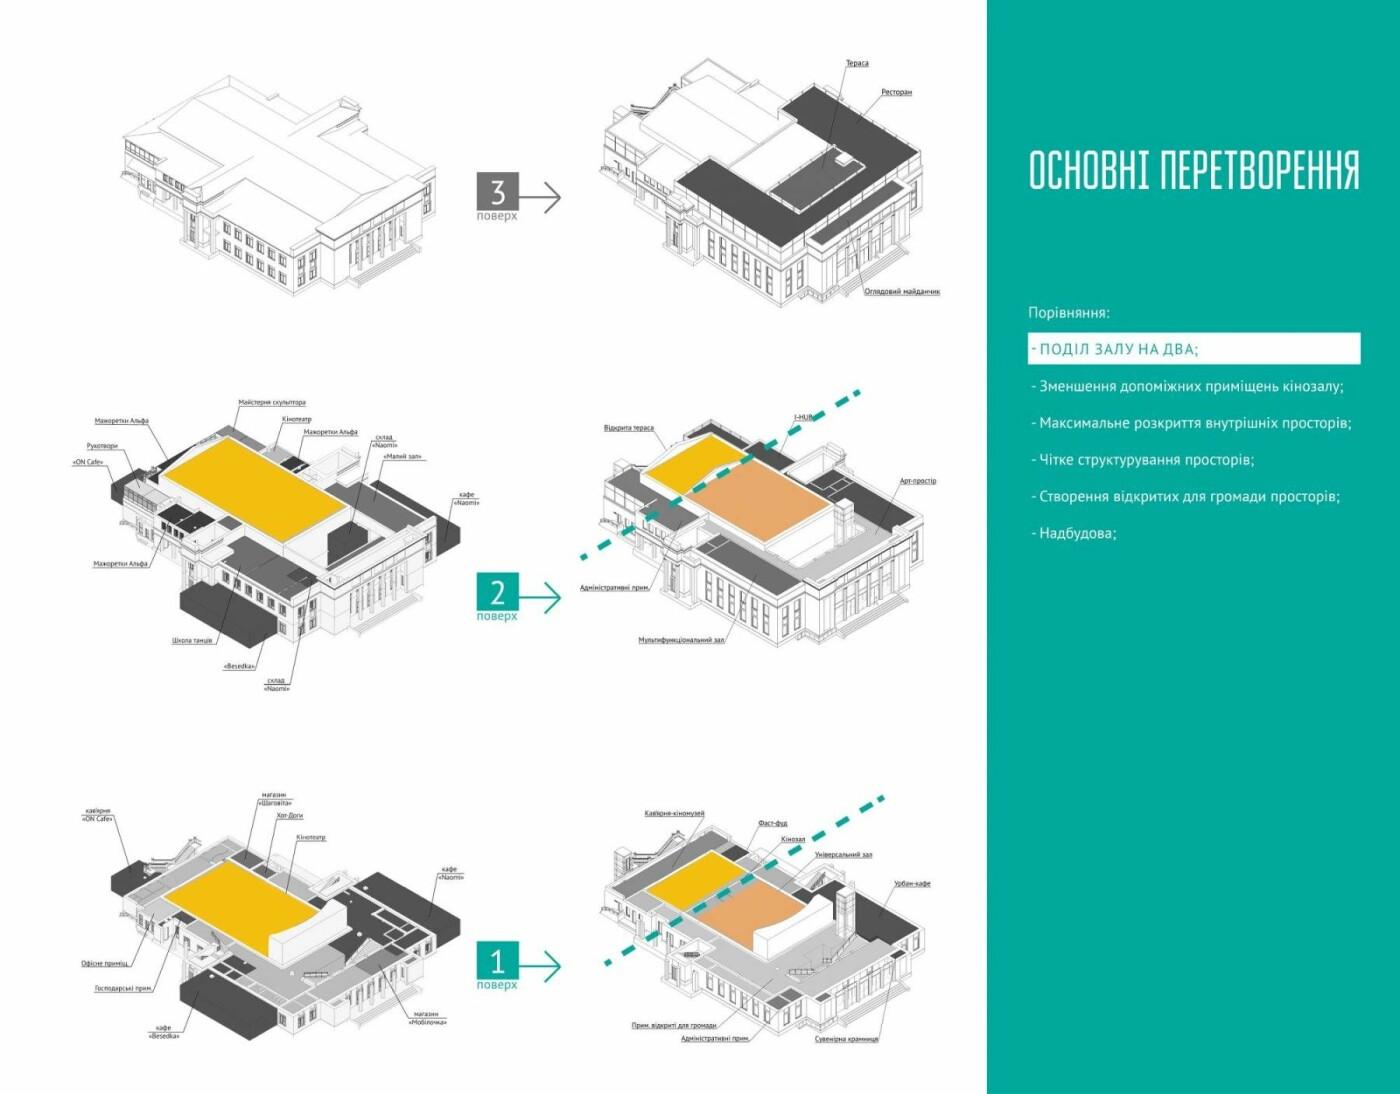 Концепція розвитку: яким буде кінотеатр Шевченка в майбутньому, фото-6